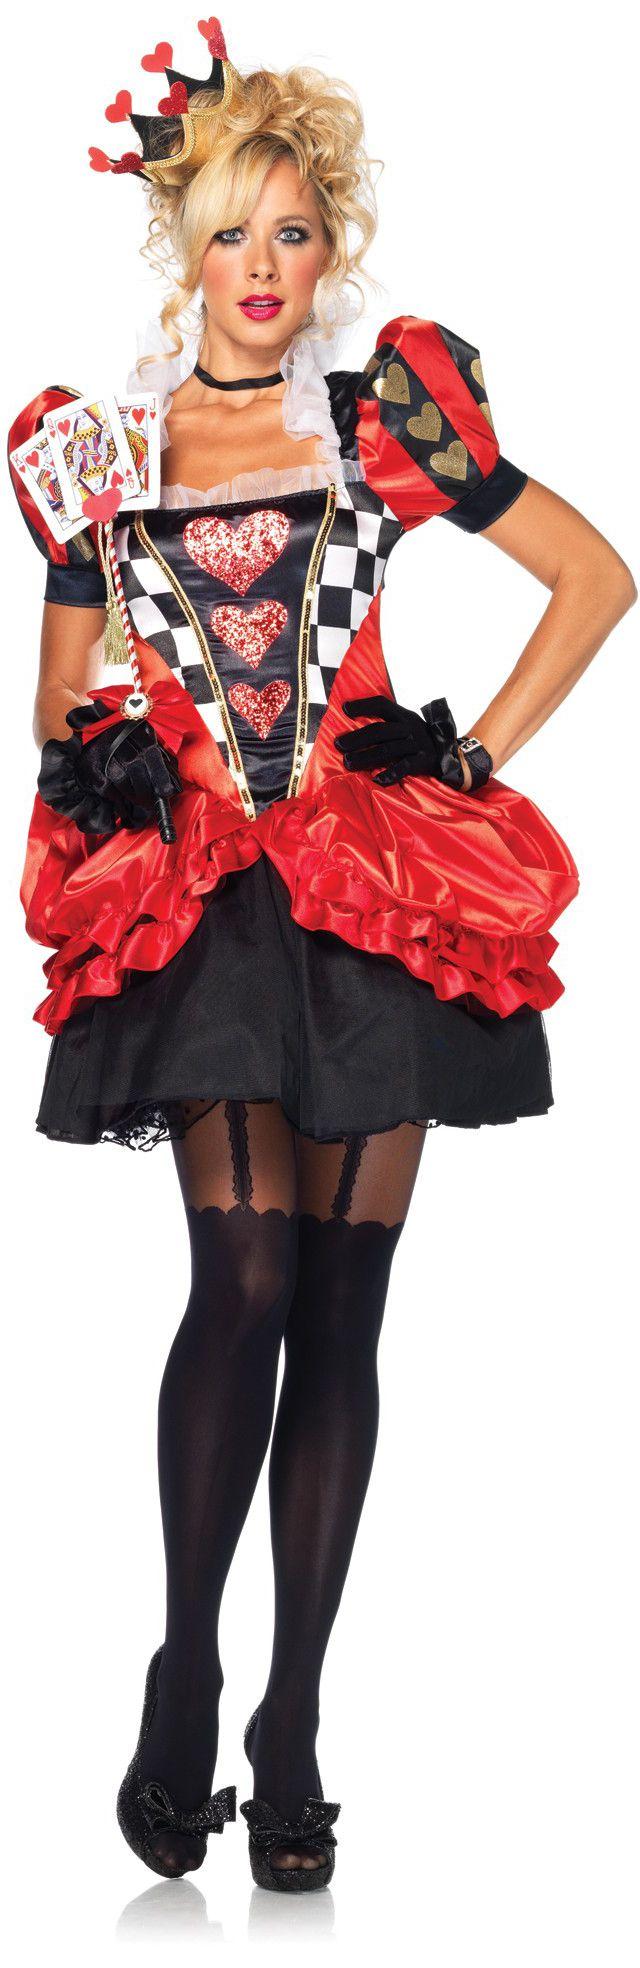 #Evil_Red_Queen_Costume_N6210 | Sexy Underwear